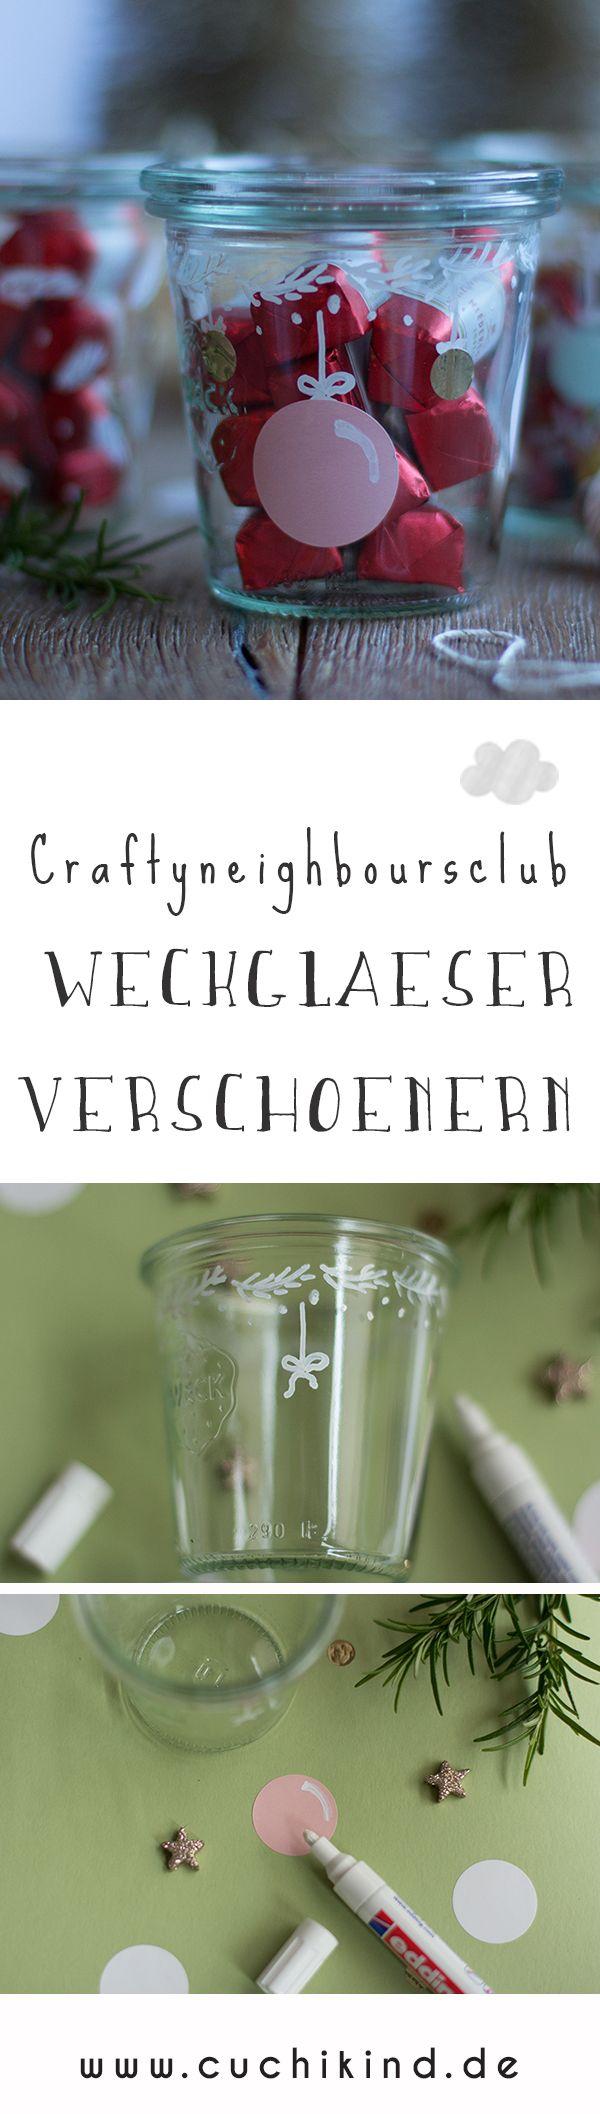 12: craftyneighboursclub - Weihnachten im Glas | DIY Geschenkideen ...